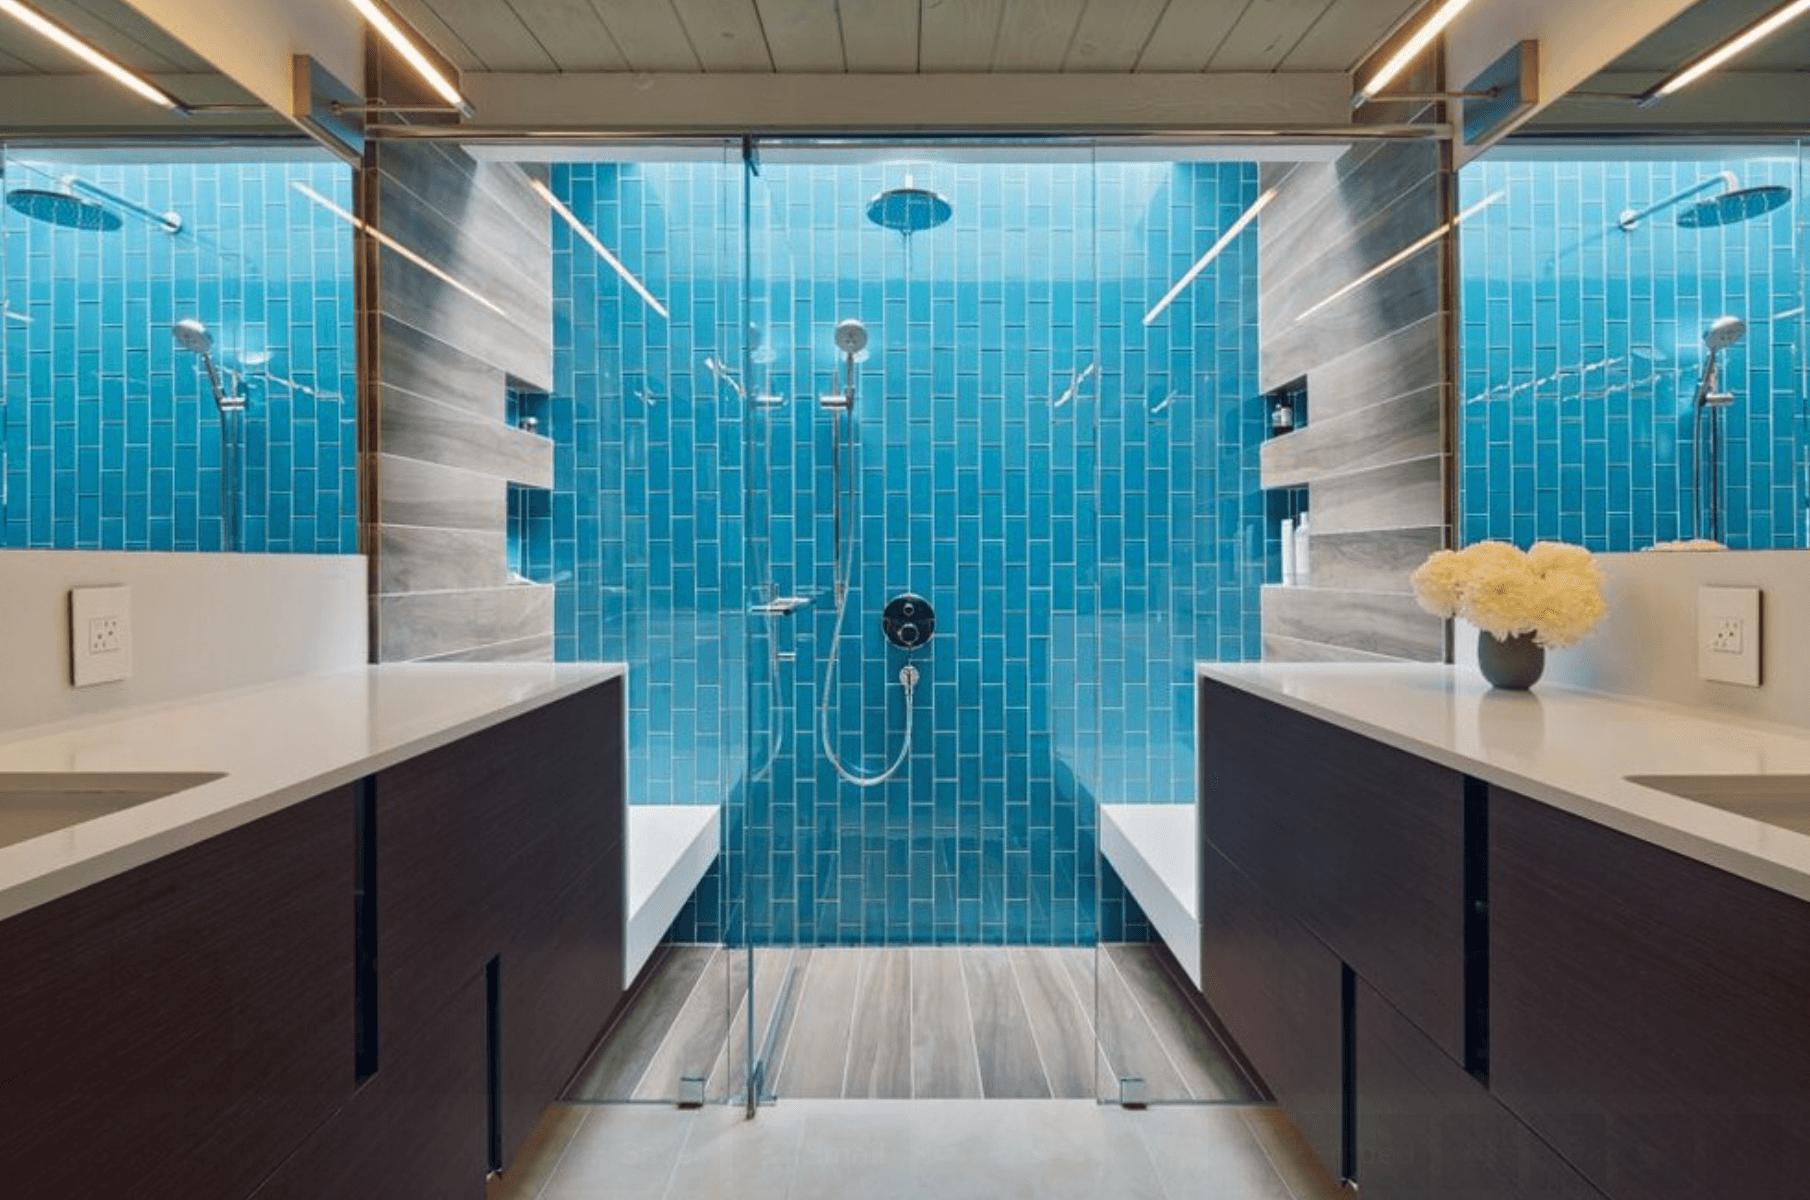 23 Banheiros com Pastilhas Lindas Arquidicas #1E7794 1810x1200 Banheiro Branco Com Pastilhas Verdes